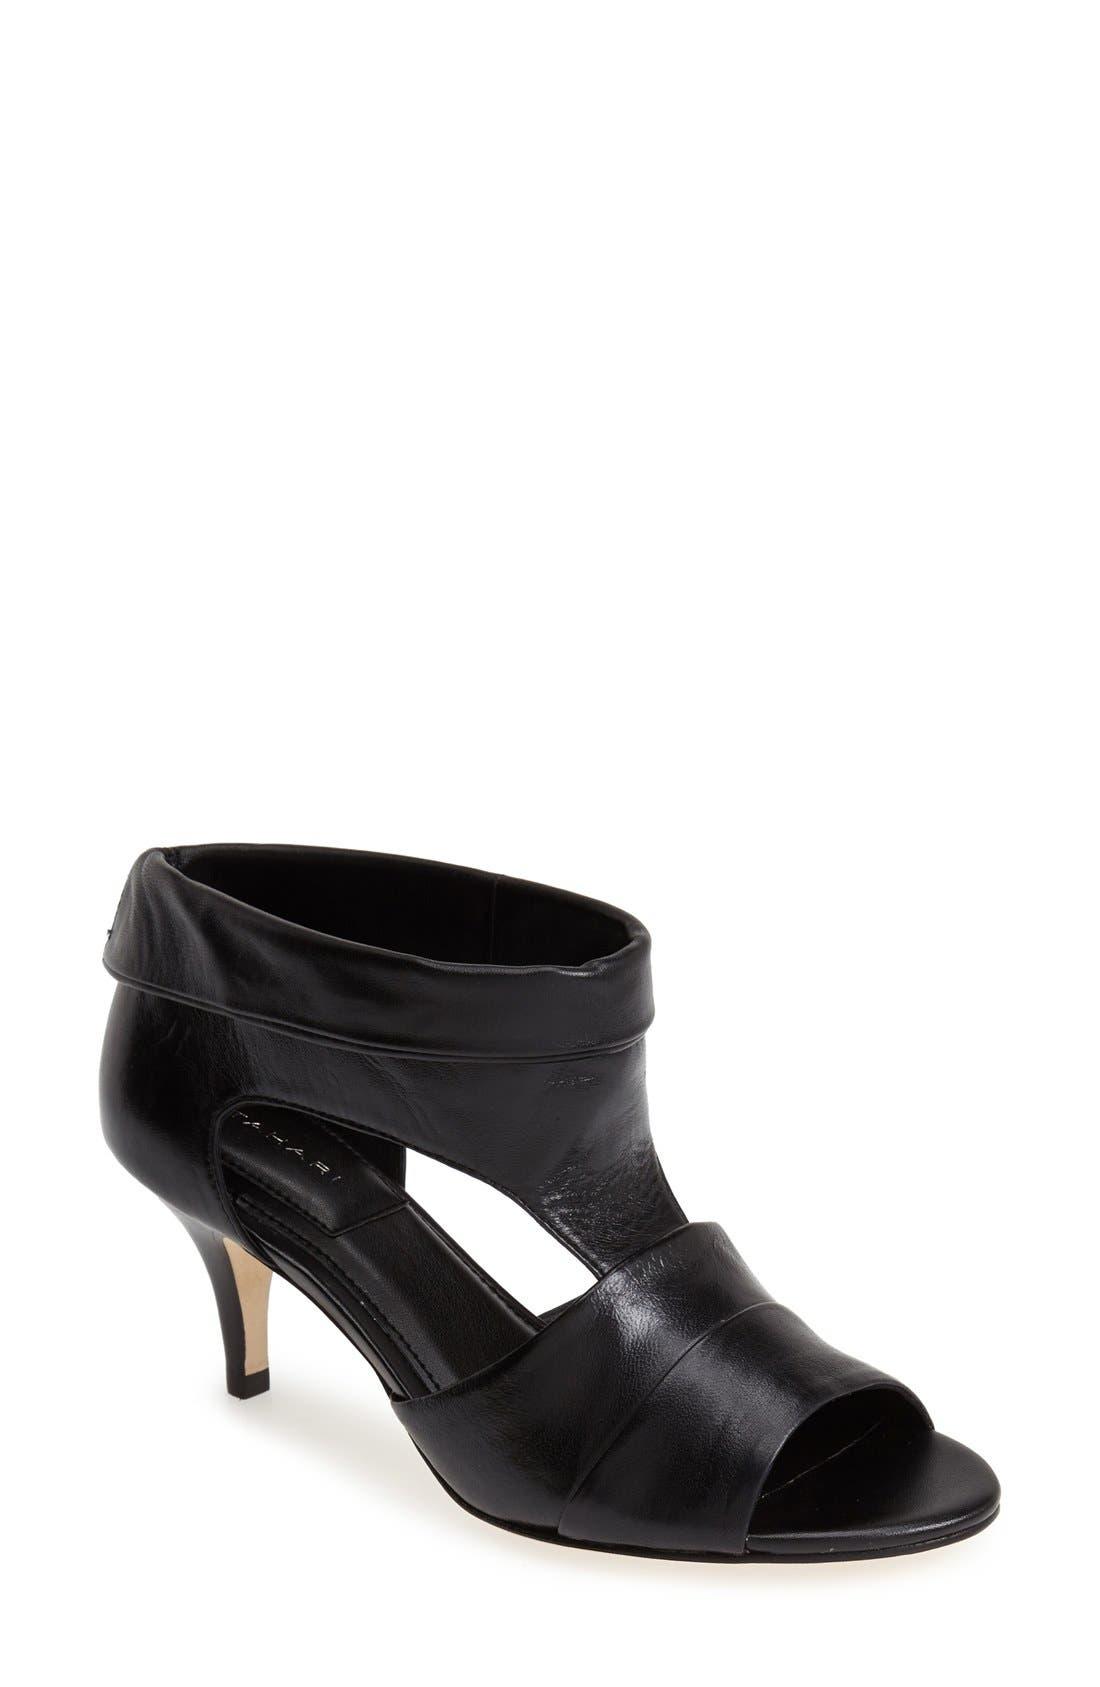 Main Image - T Tahari 'Rumer' Cuff Leather Bootie (Women)